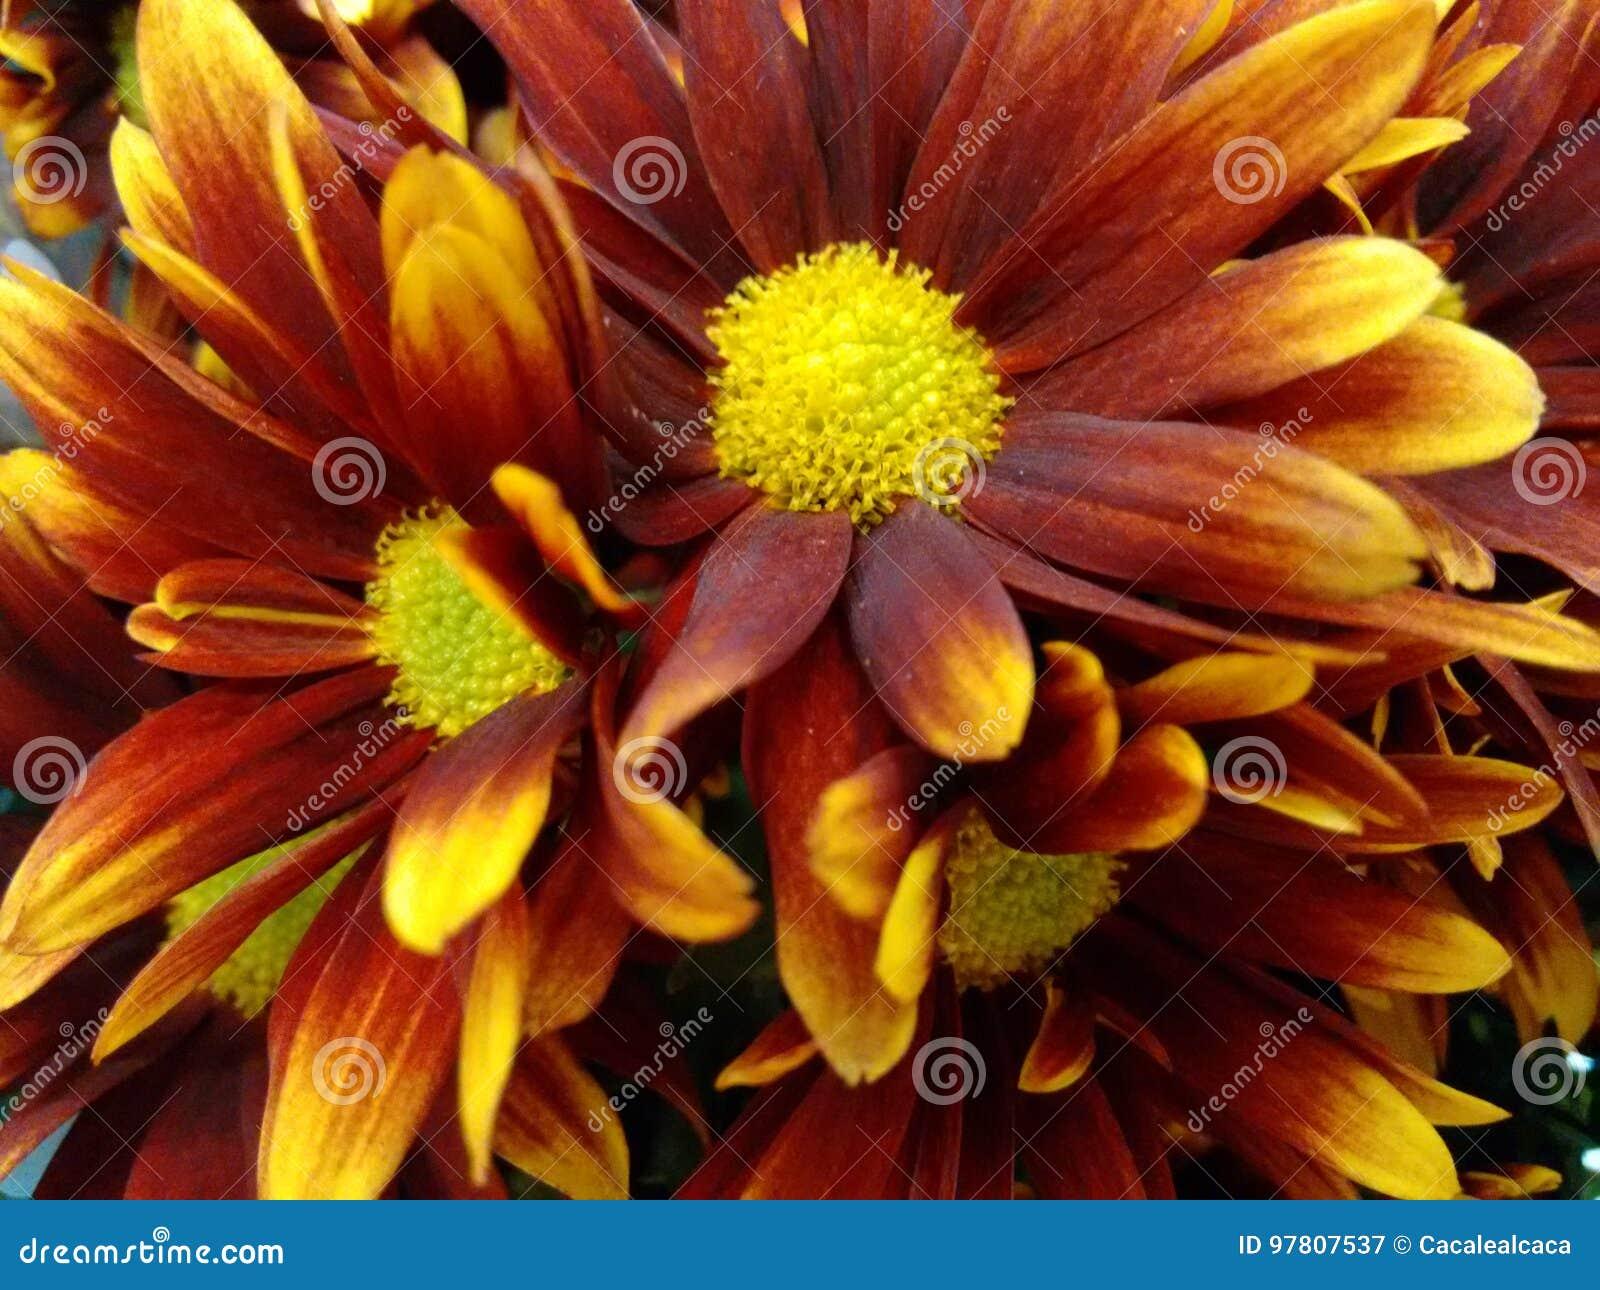 Fleur De Chrysanthème - Rouge Et Jaune Image stock - Image du fleuraison, rampement: 97807537